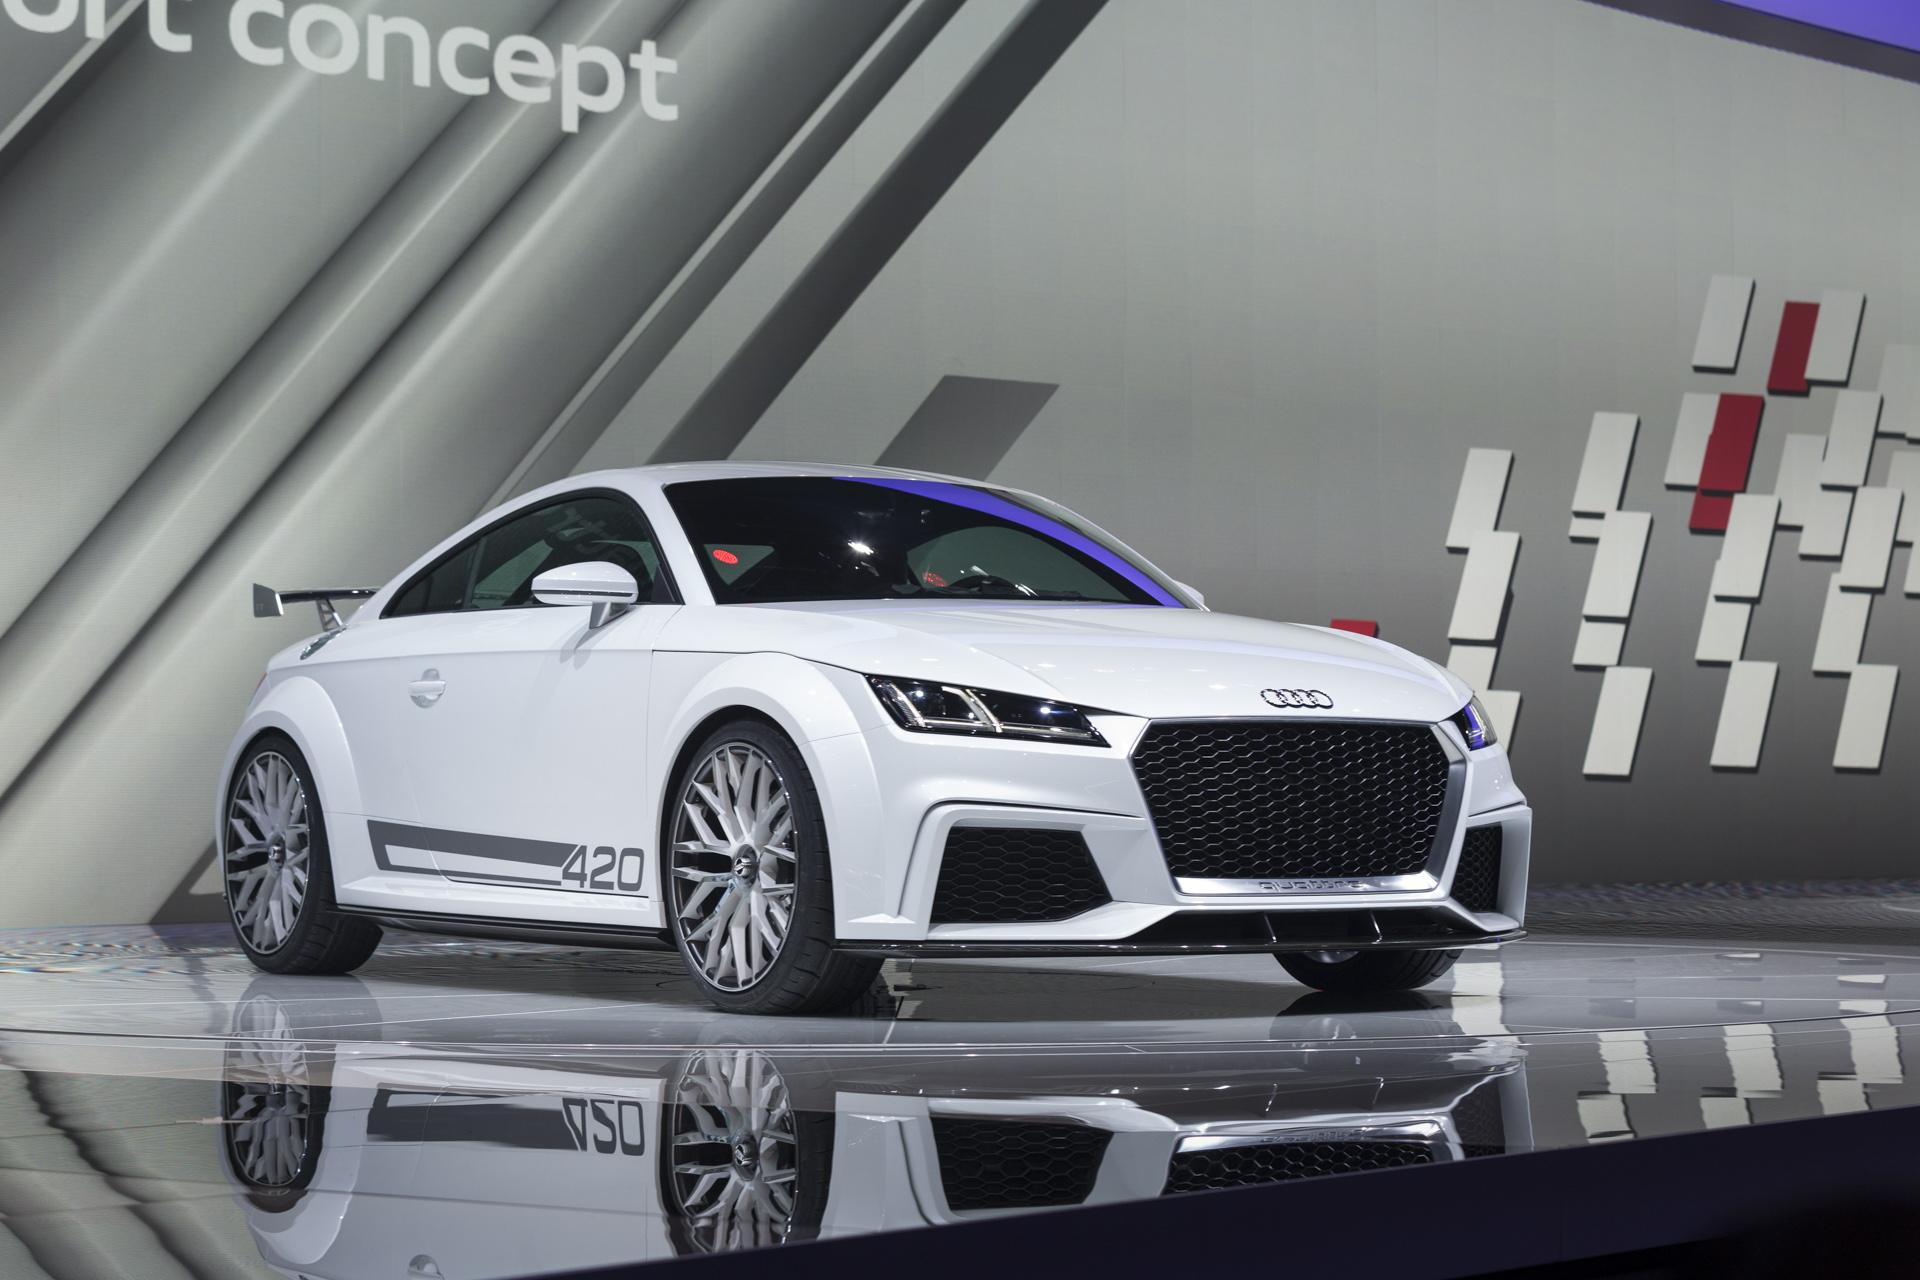 Audi-TT-Quattro-Concept-Genève-2014 (2)